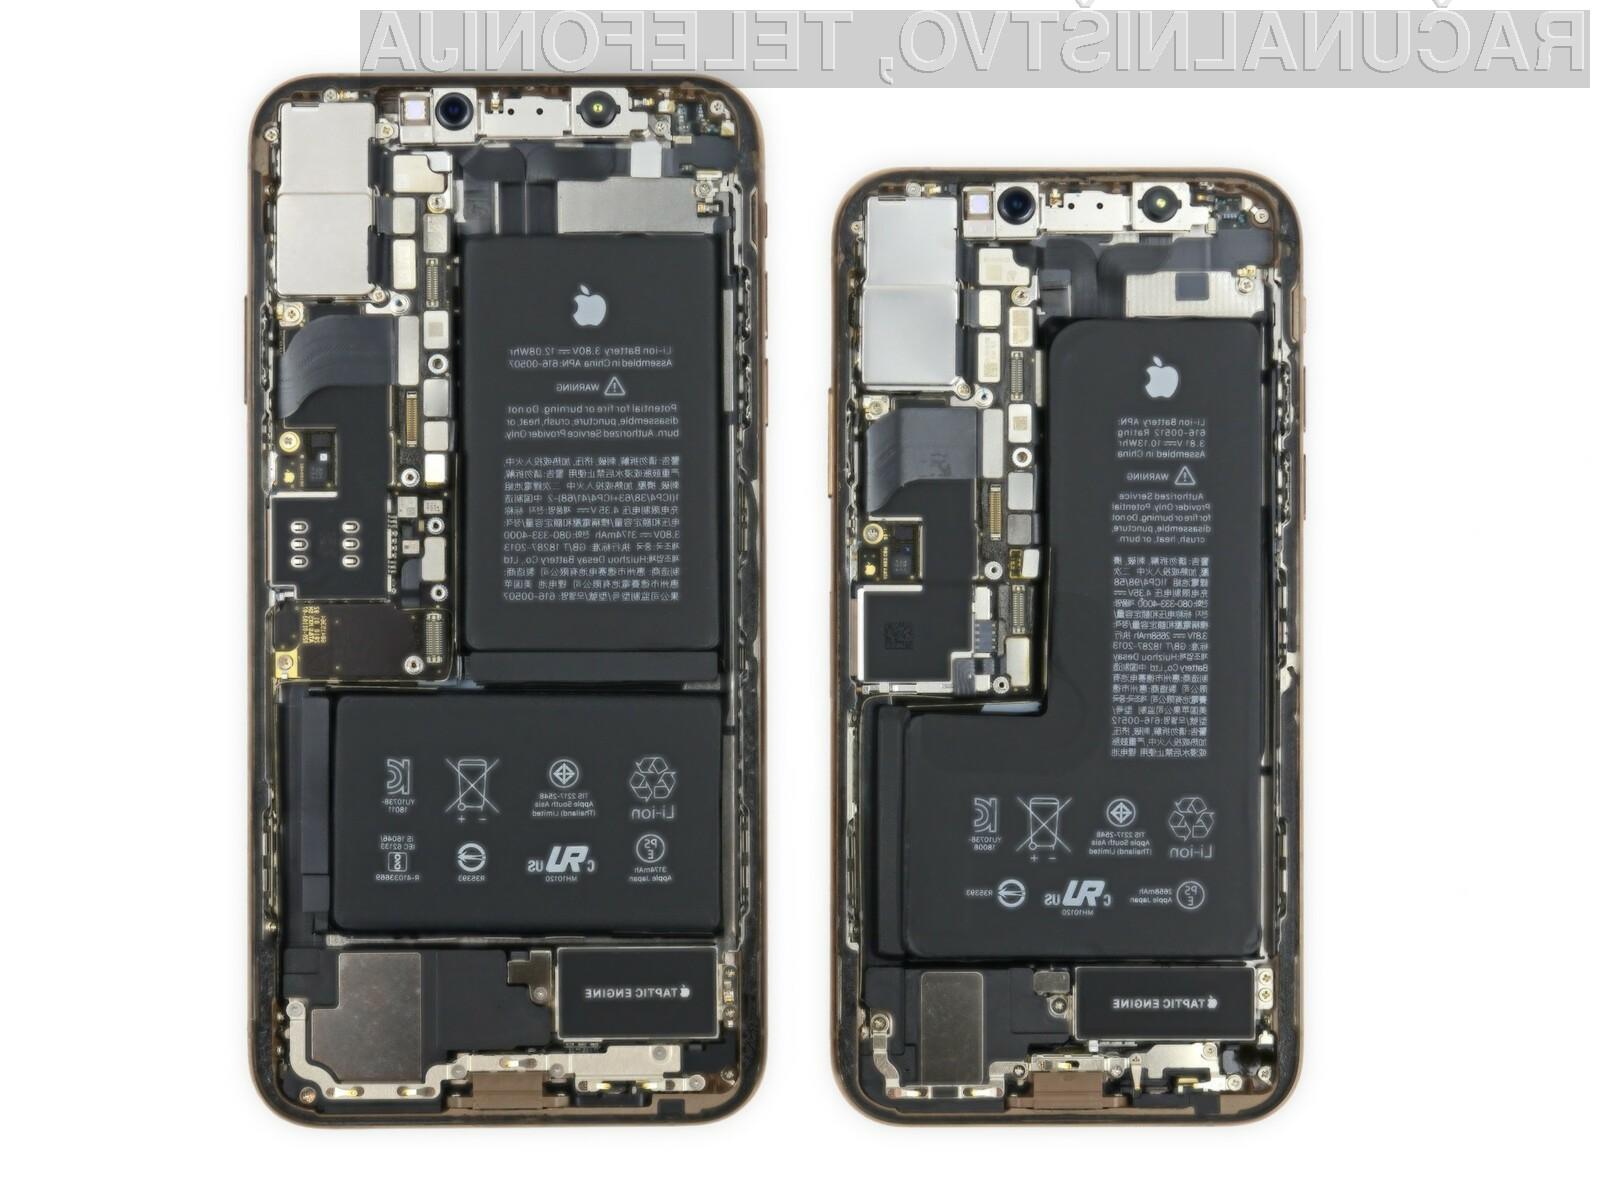 Pametna mobilna telefona iPhone Xs in iPhone Xs Max sta si od 10 možnih točk na račun popravljivosti prislužila kar šest točk.